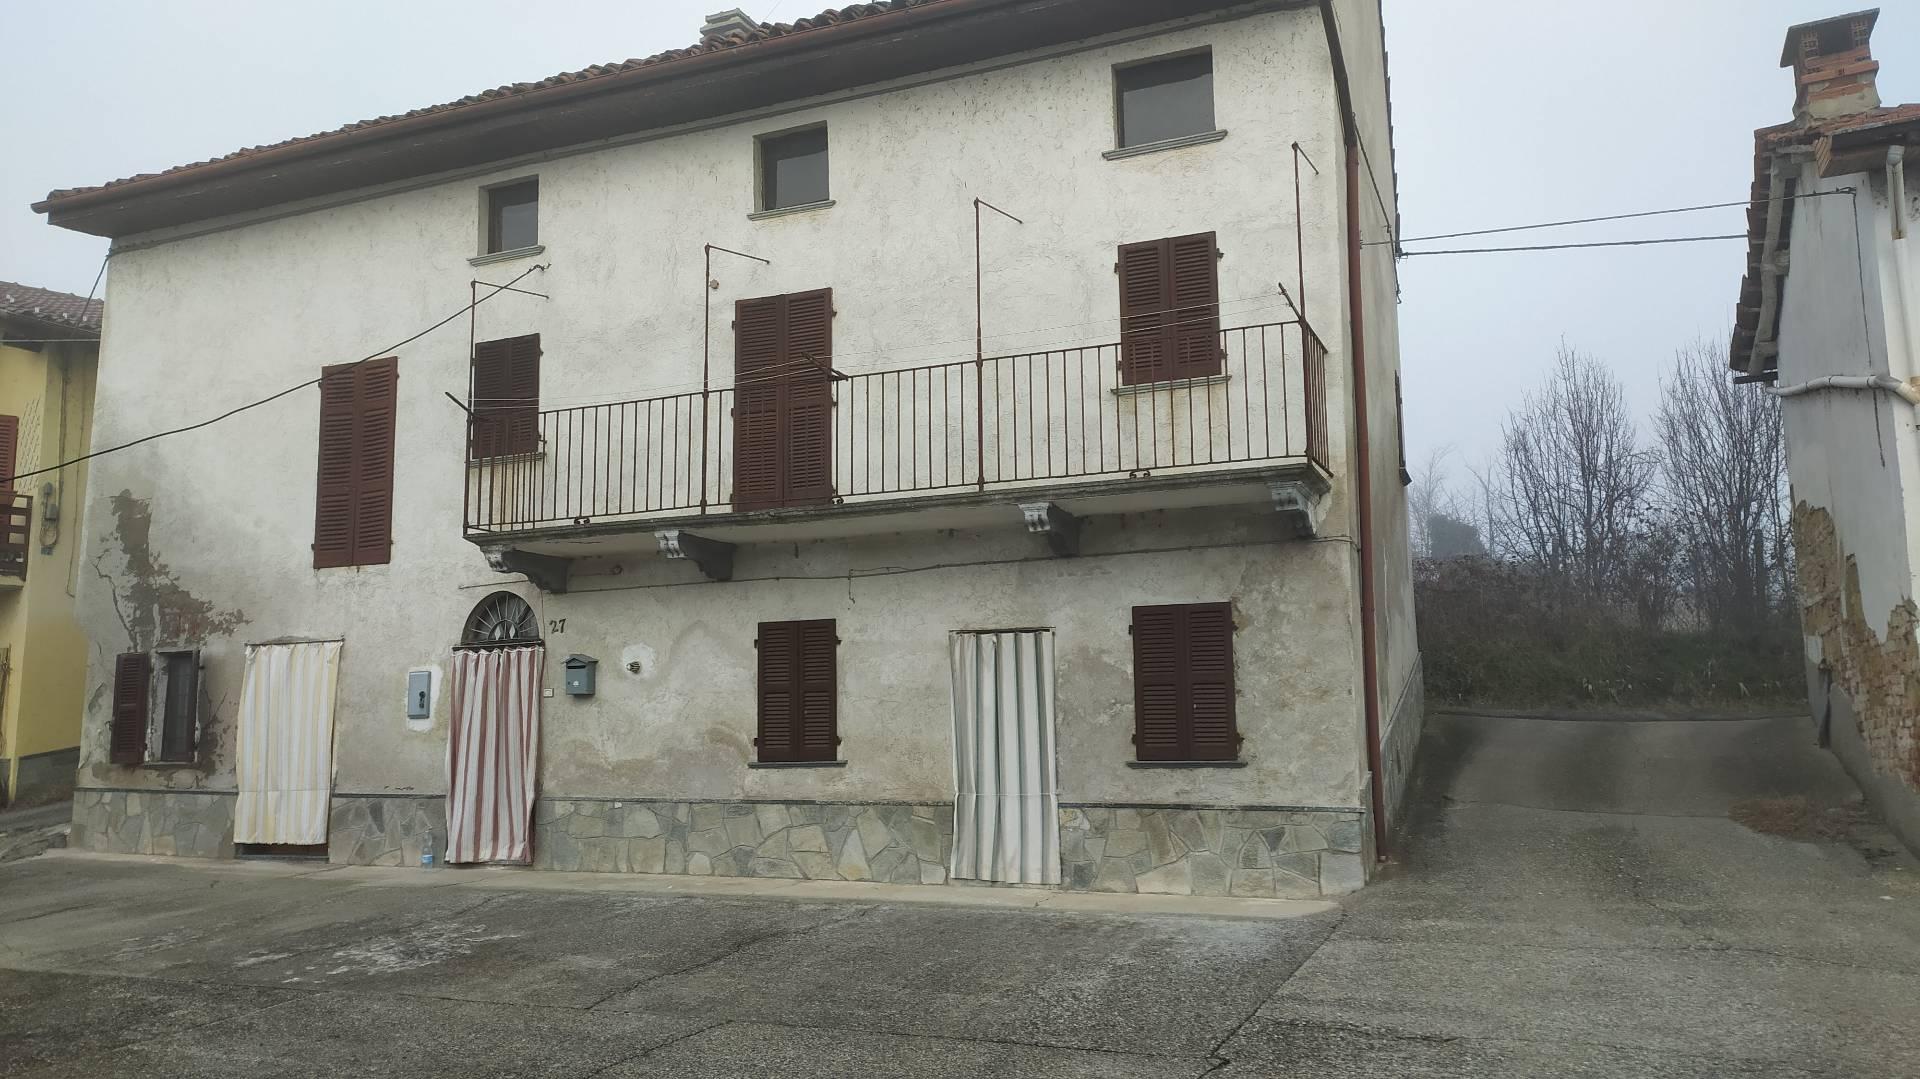 Soluzione Indipendente in vendita a Solonghello, 4 locali, prezzo € 50.000 | PortaleAgenzieImmobiliari.it